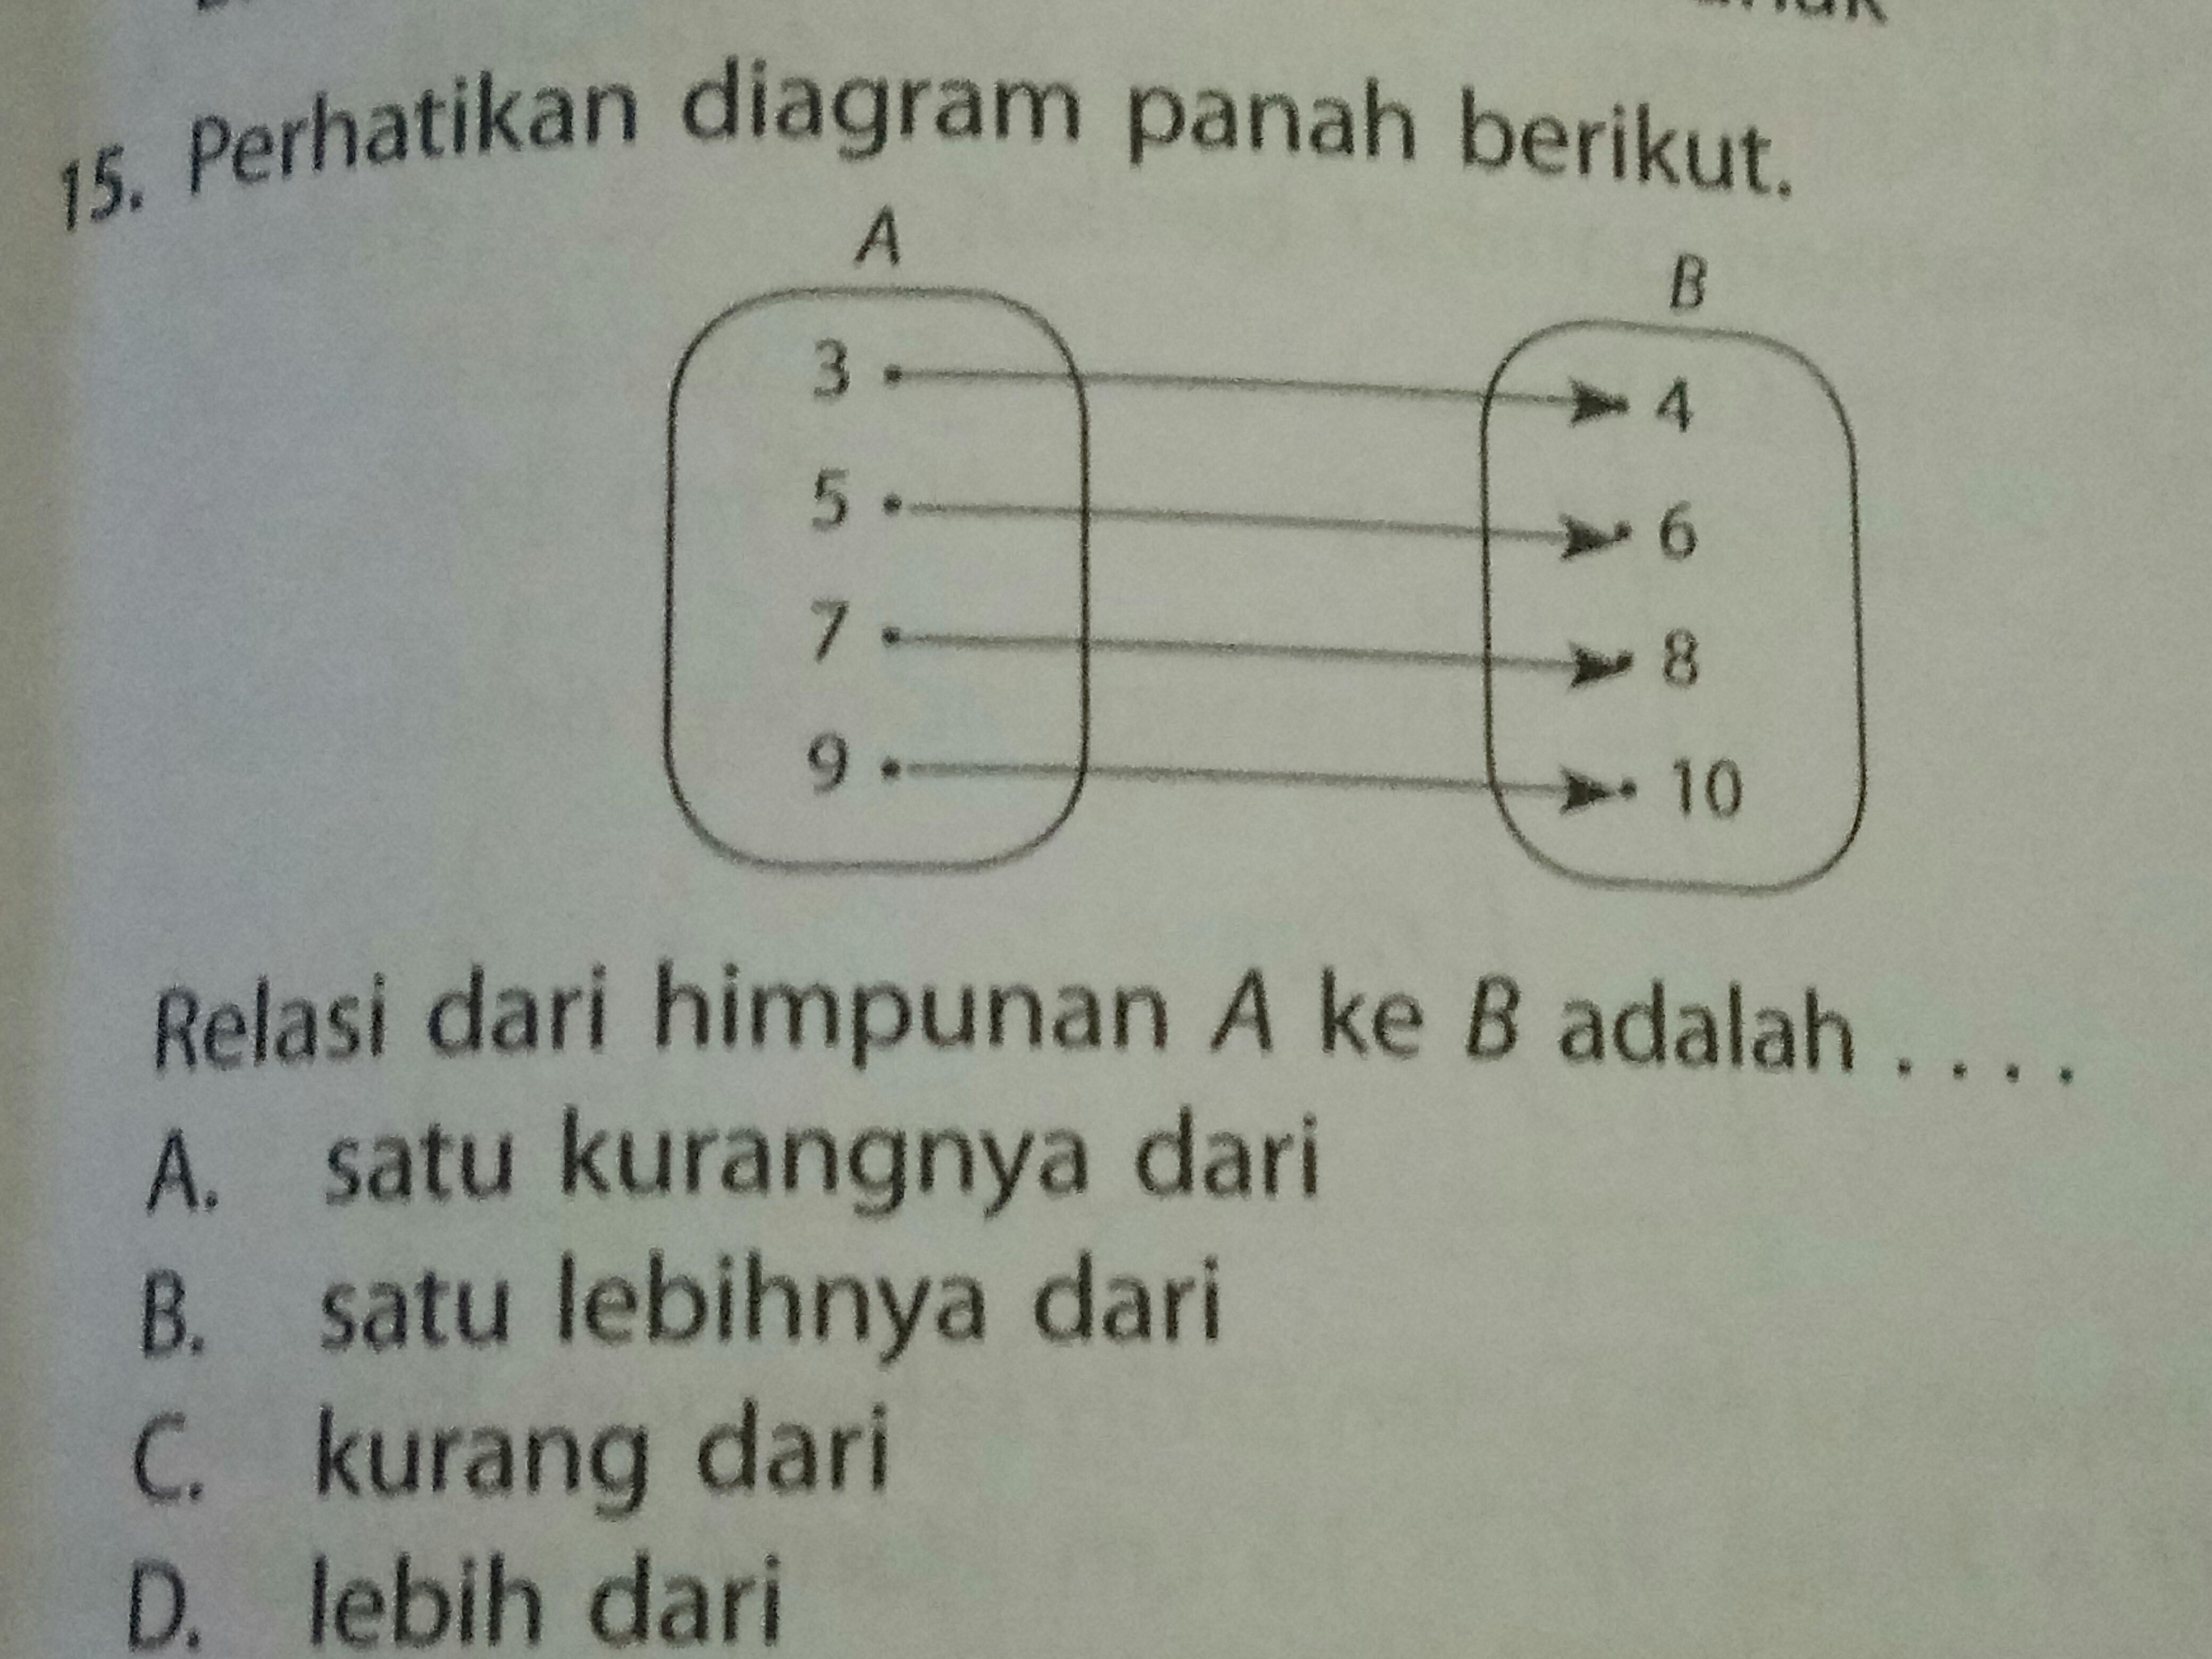 Perhatikan diagram panah berikut brainly perhatikan diagram panah berikut ccuart Choice Image